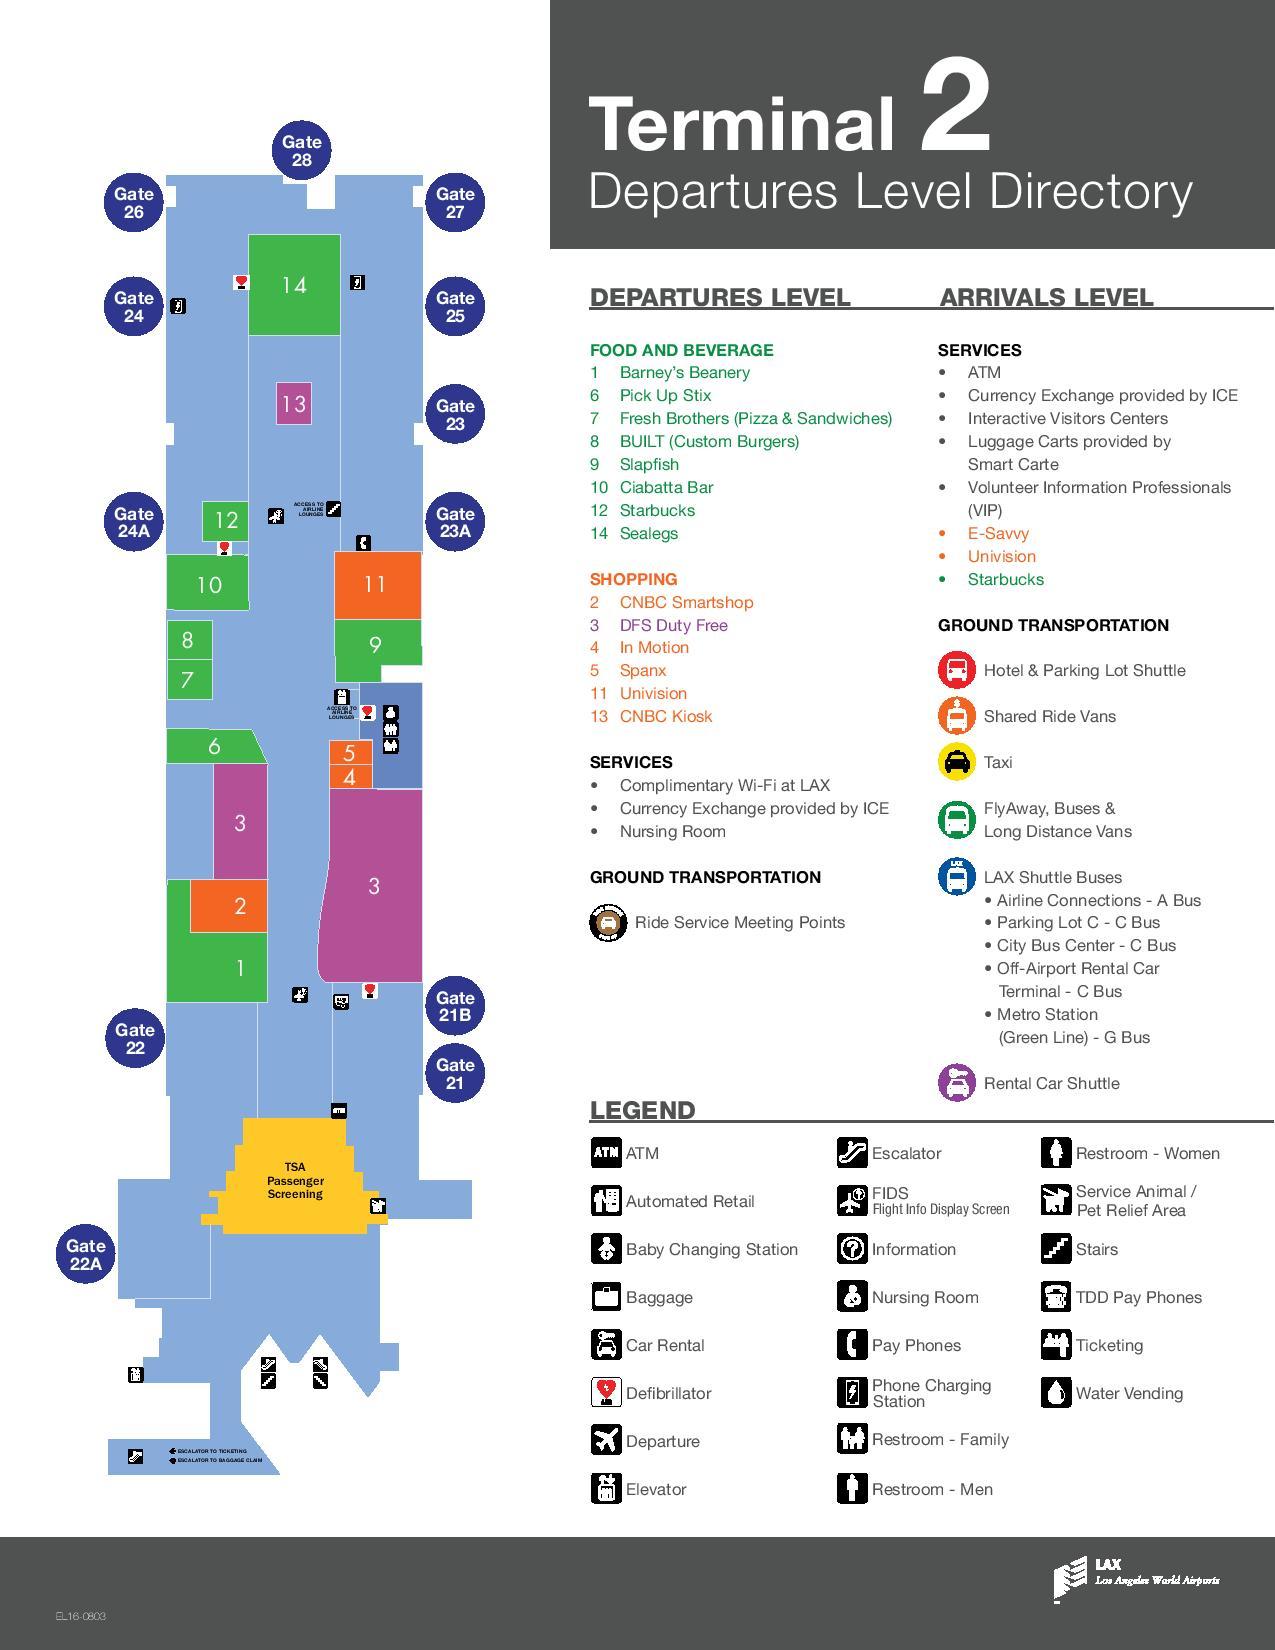 Mapa de la T2 del aeropuerto de Los Angeles LAX